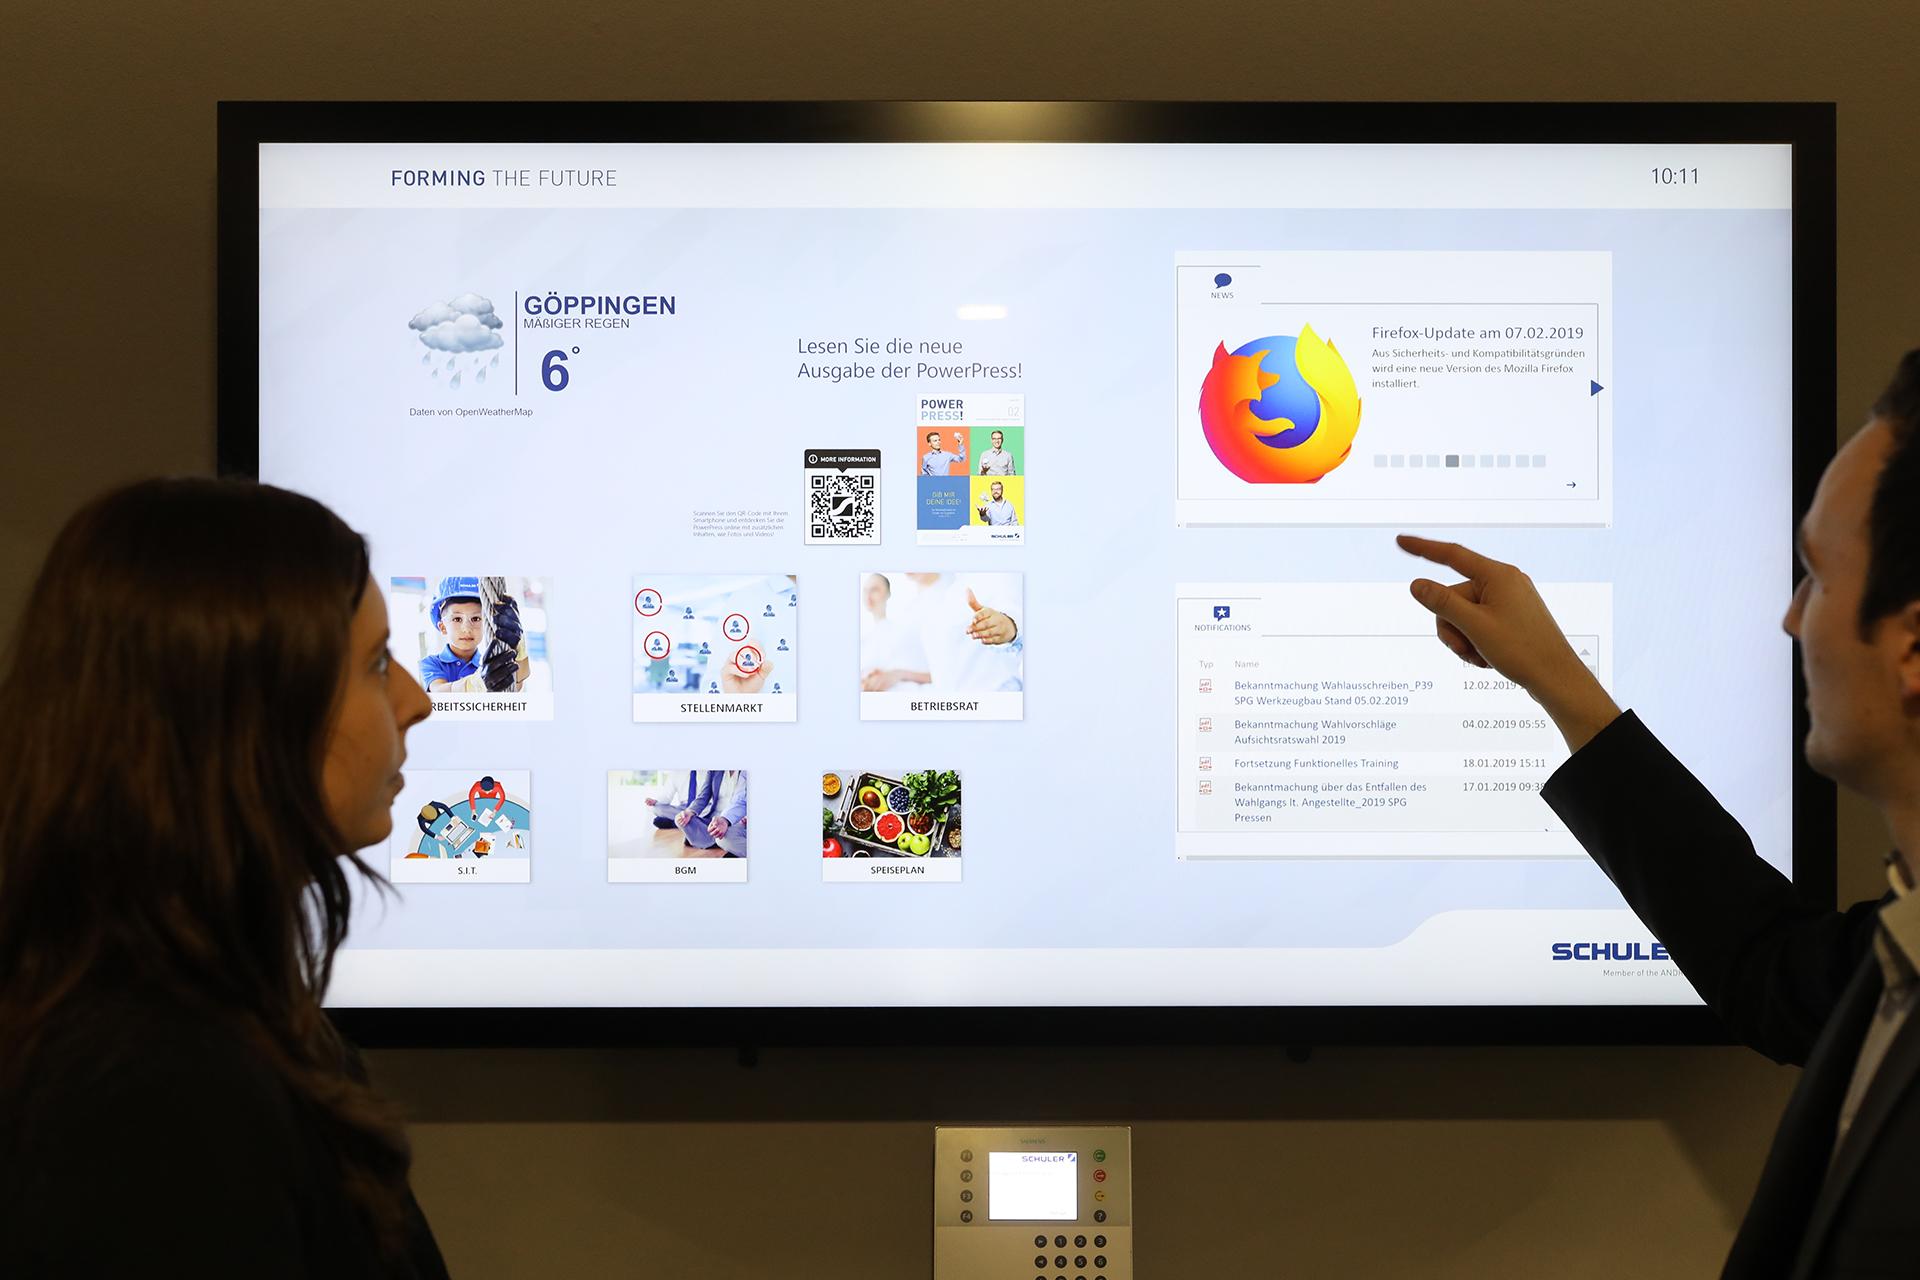 Am digitalen schwarzen Brett können für verschiedene Bereiche wie etwa Produktion und Verwaltung einheitliche Inhalte, z.B. der Speiseplan, Aushänge der Bereiche oder News aber auch spezifische Inhalte für Shopfloor-Runden zur Verfügung gestellt werden.